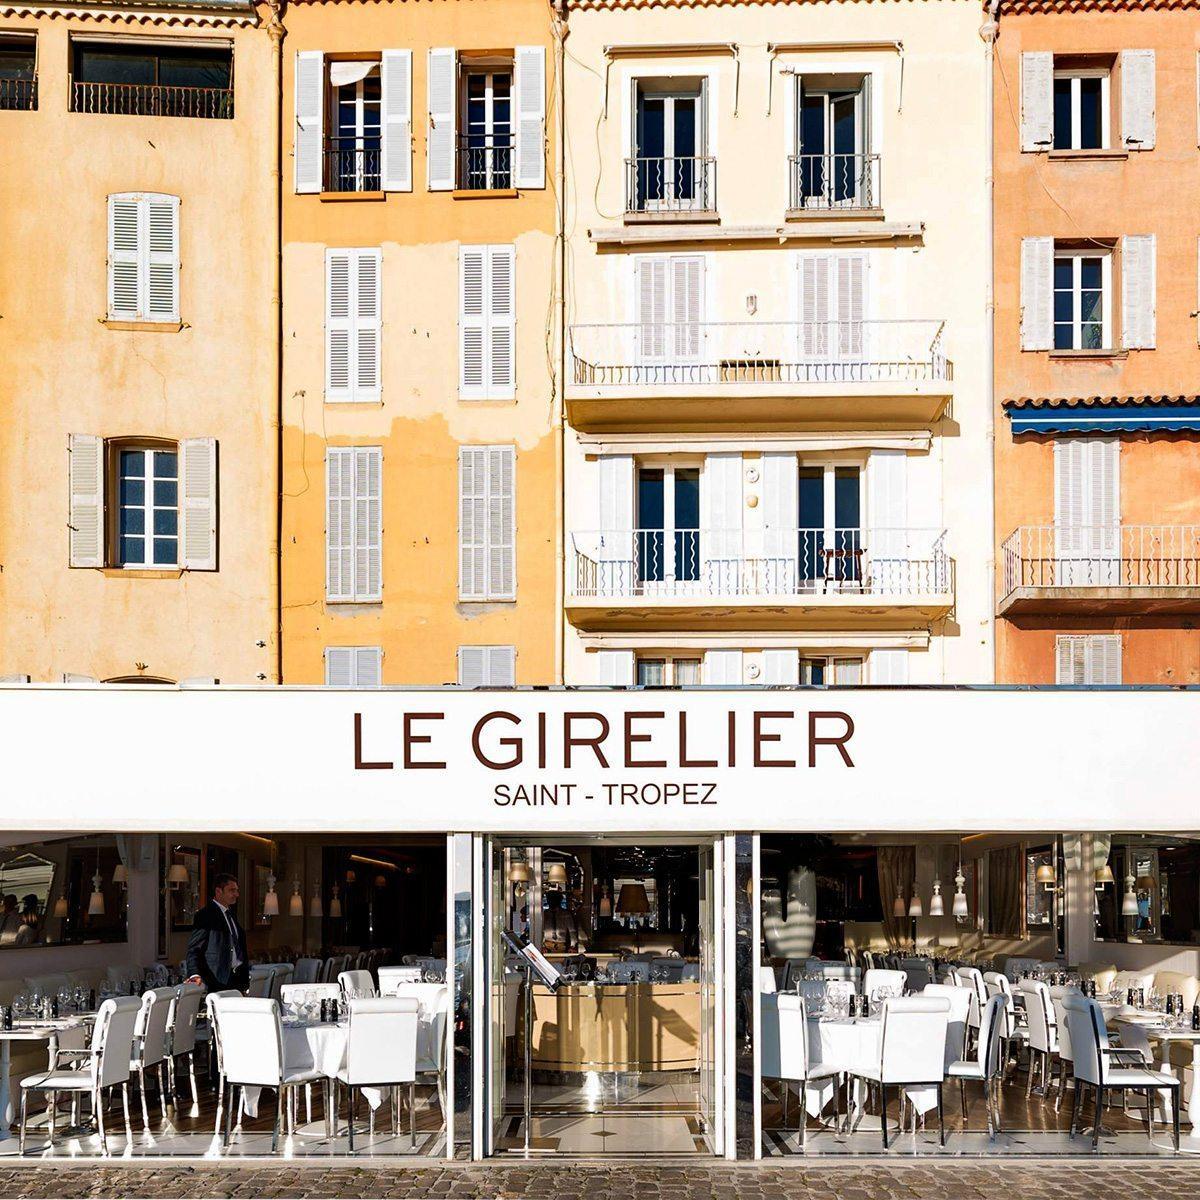 restaurant-le-girelier-saint-tropez-gastronomie-provencale-poisson-Bouillabaisse-3